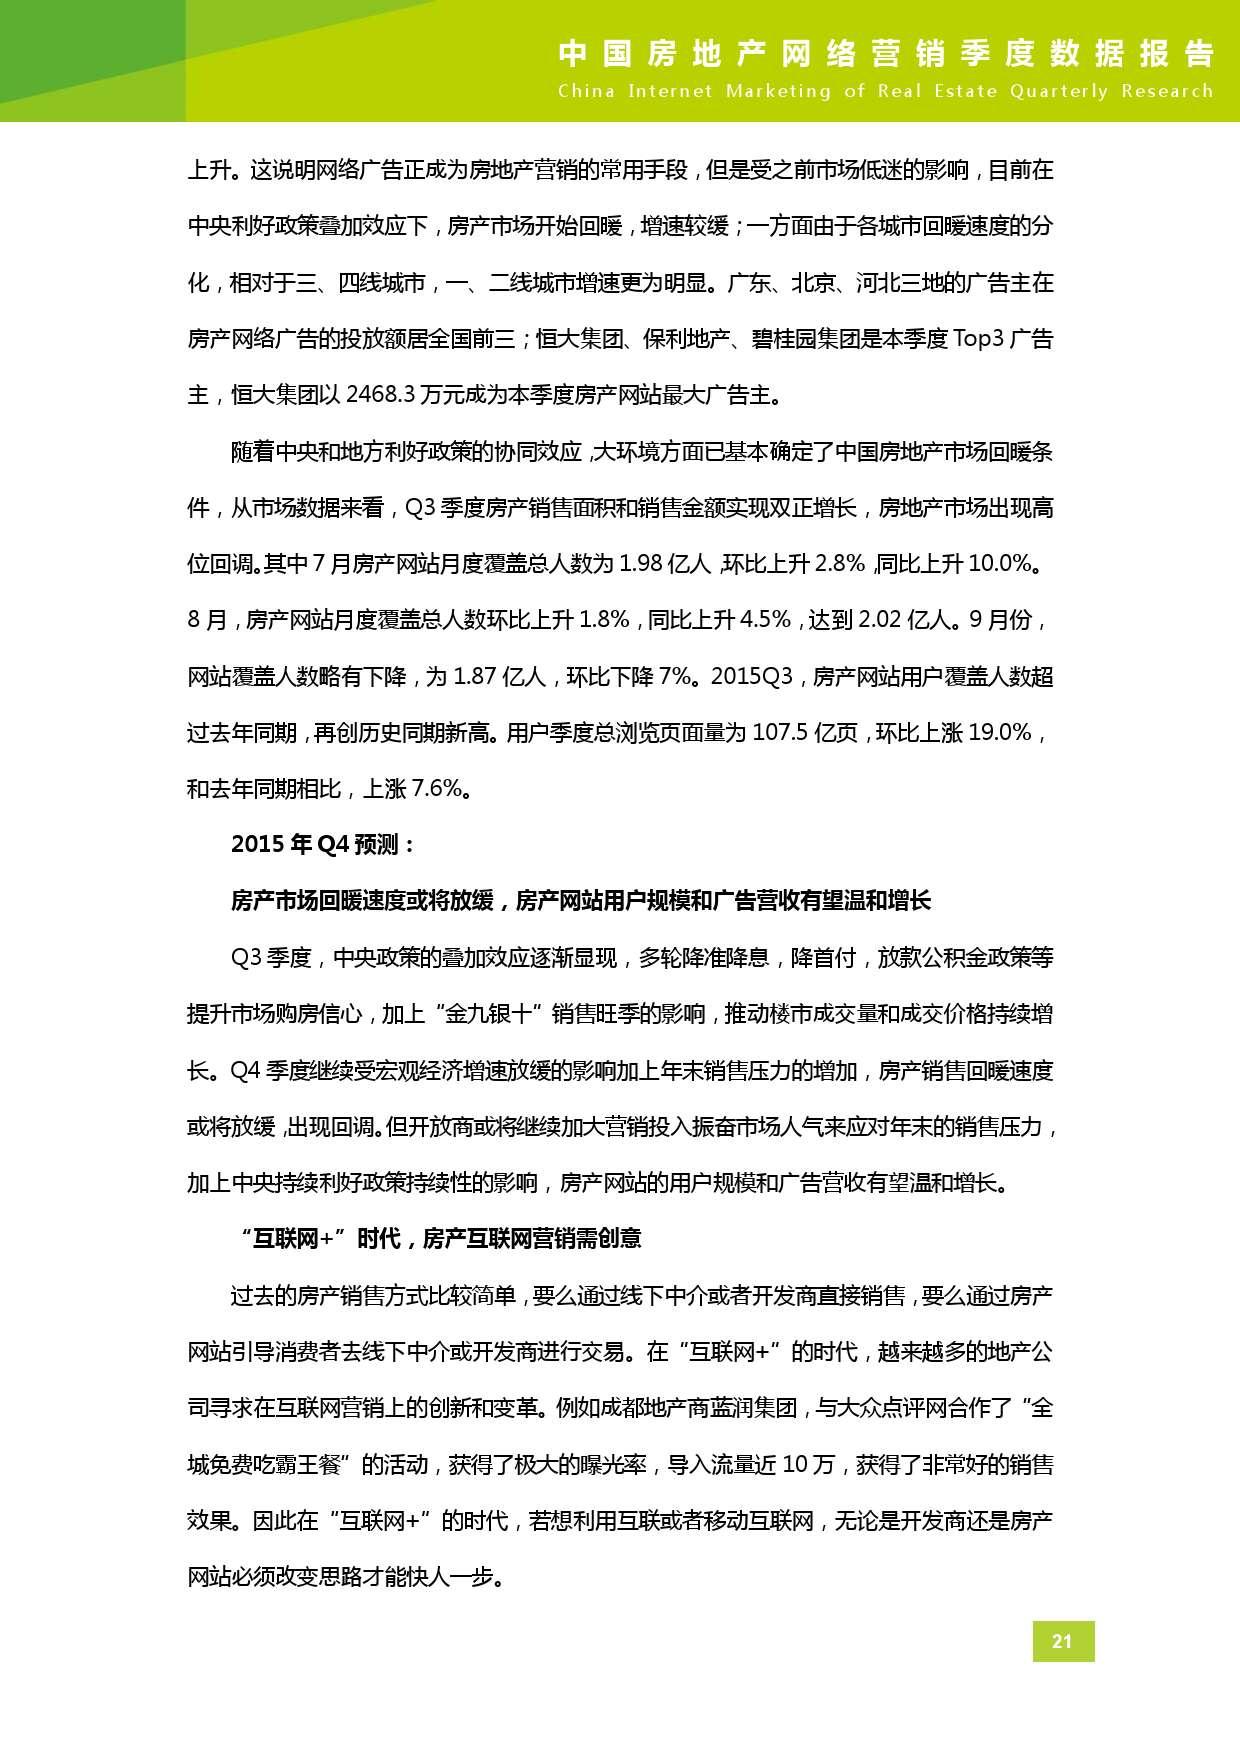 2015年Q3中国房地产网络营销季度数据报告_000022